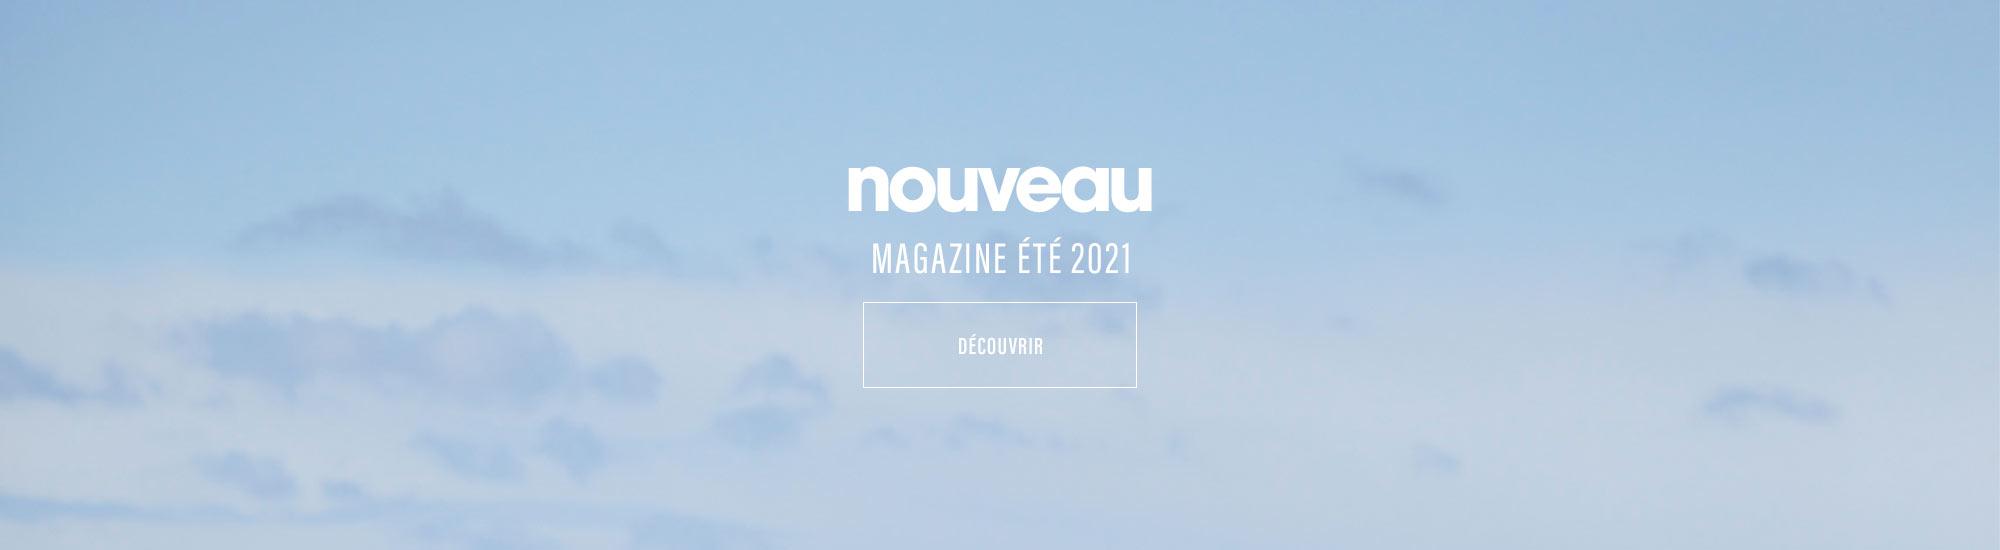 Magazine été 2021